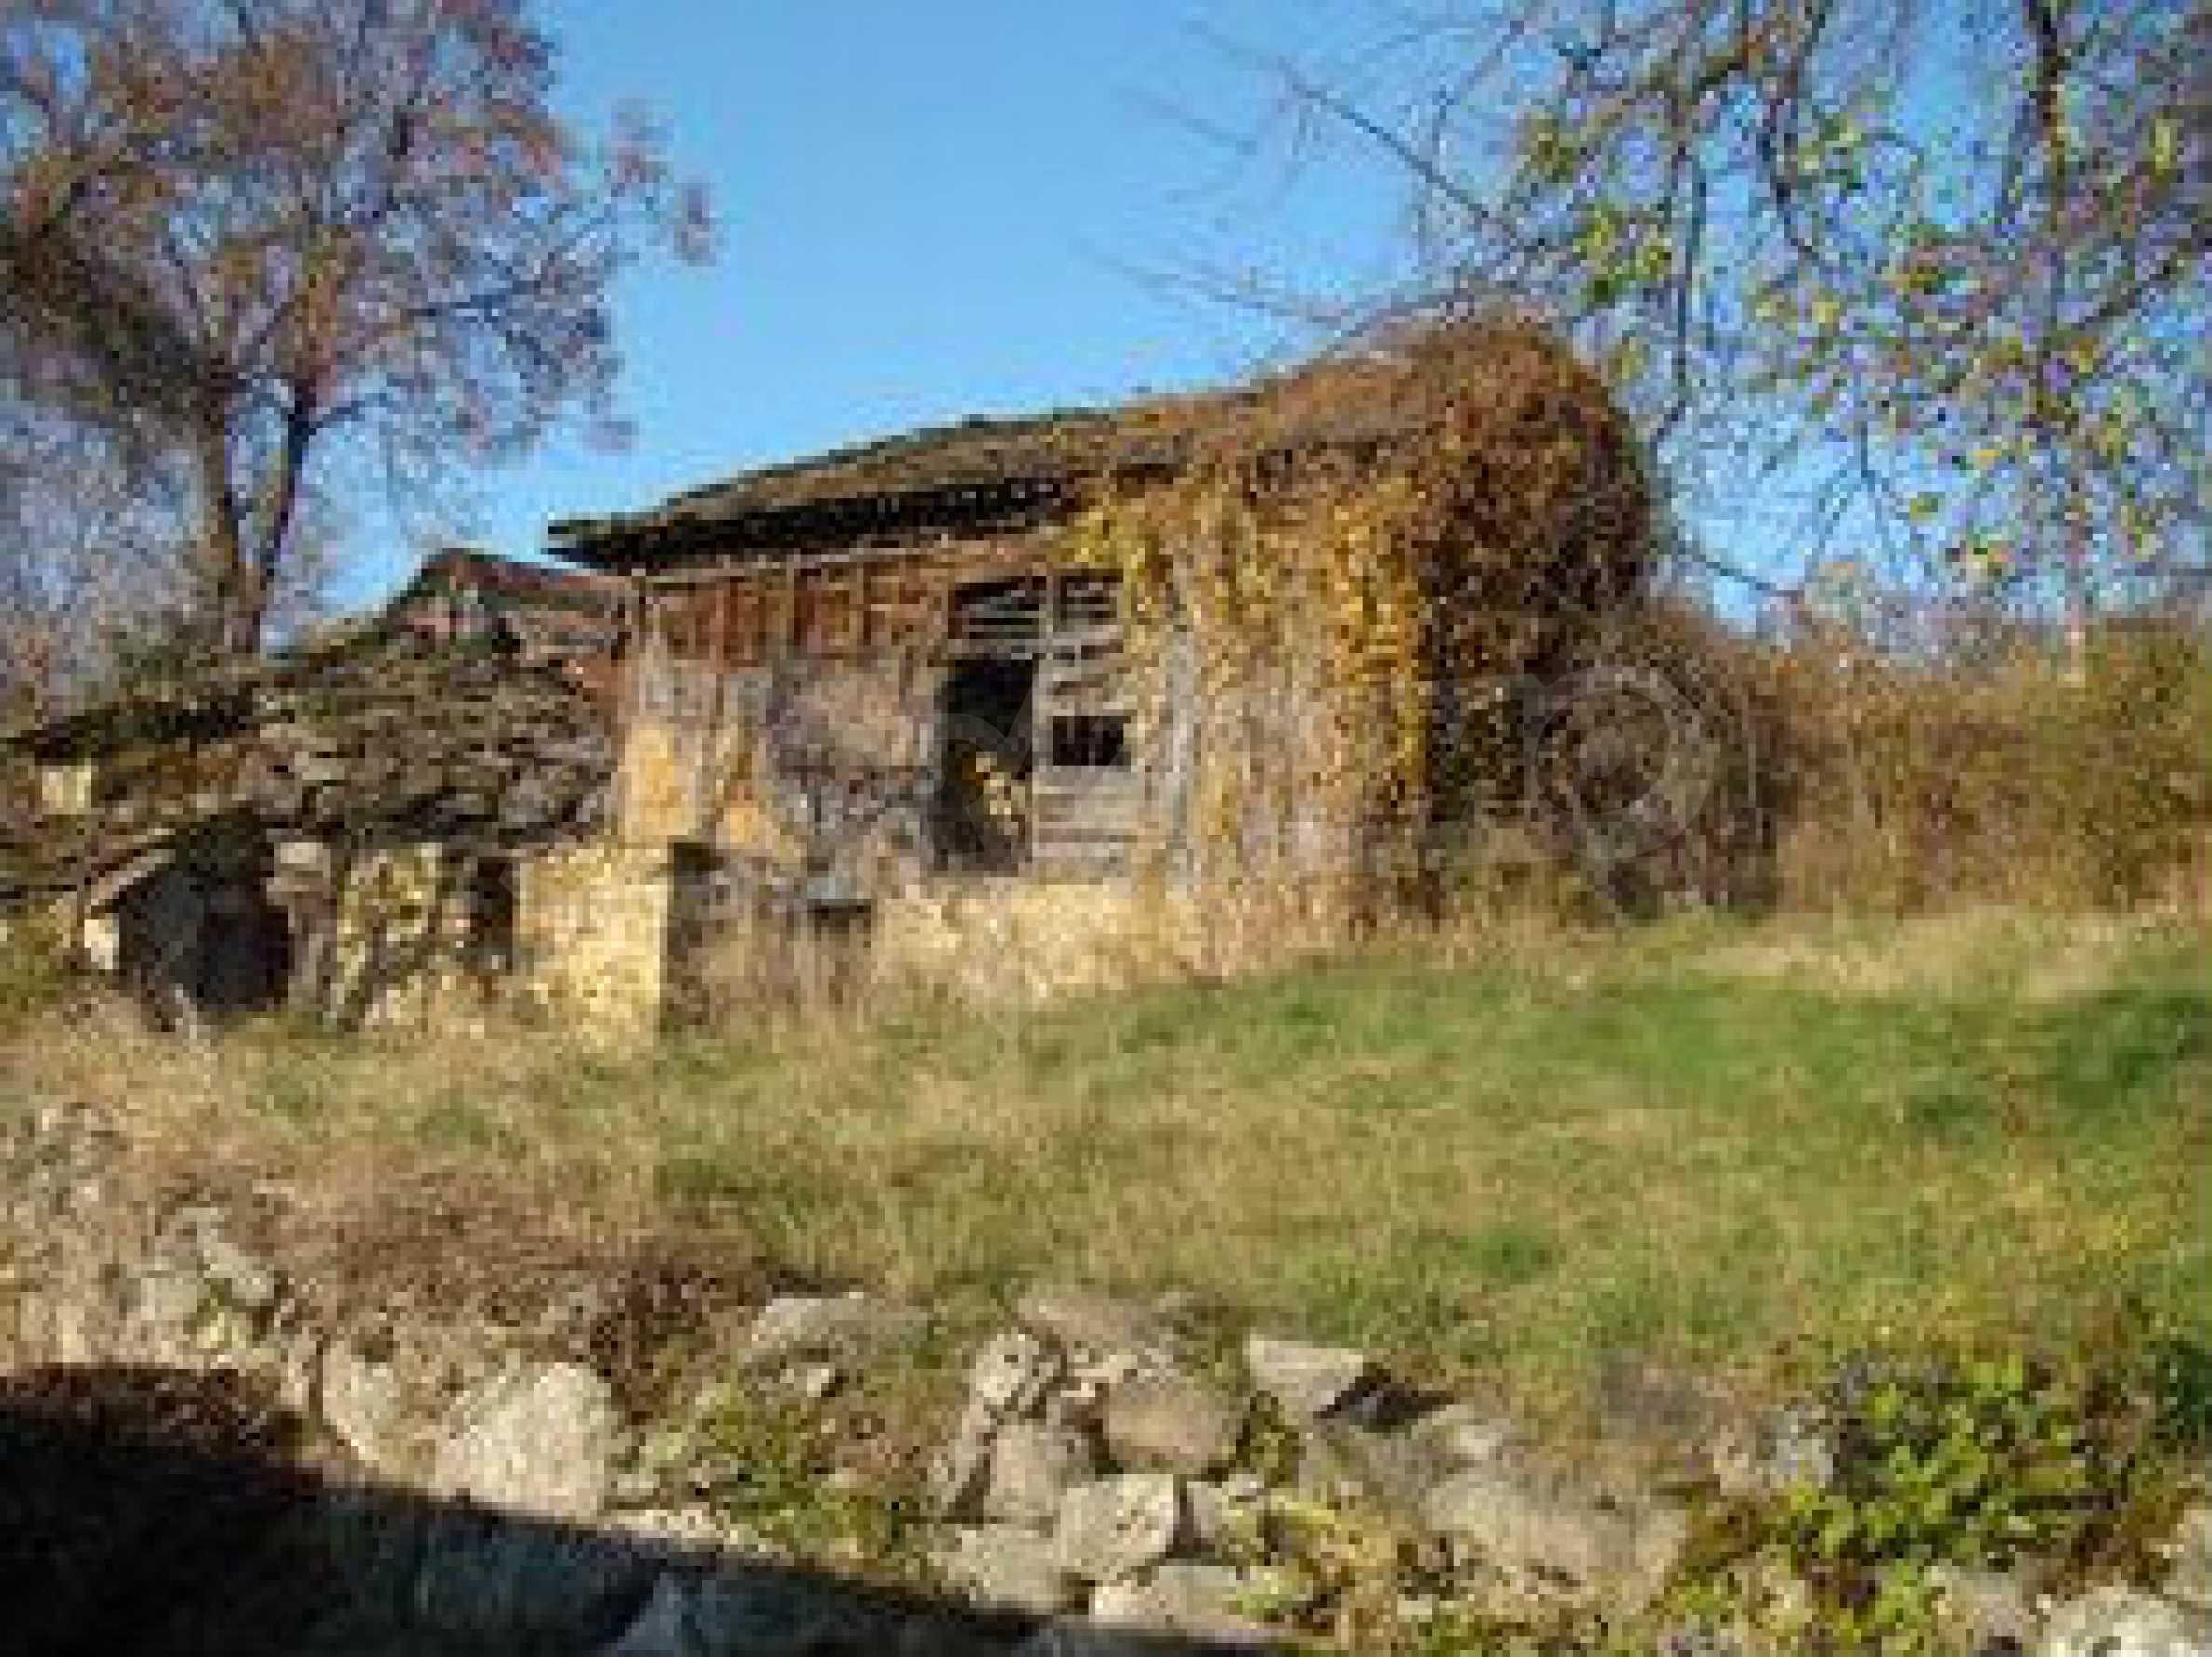 Земельный участок со старым каменным сараем в деревне в 3 км. от города Трявна